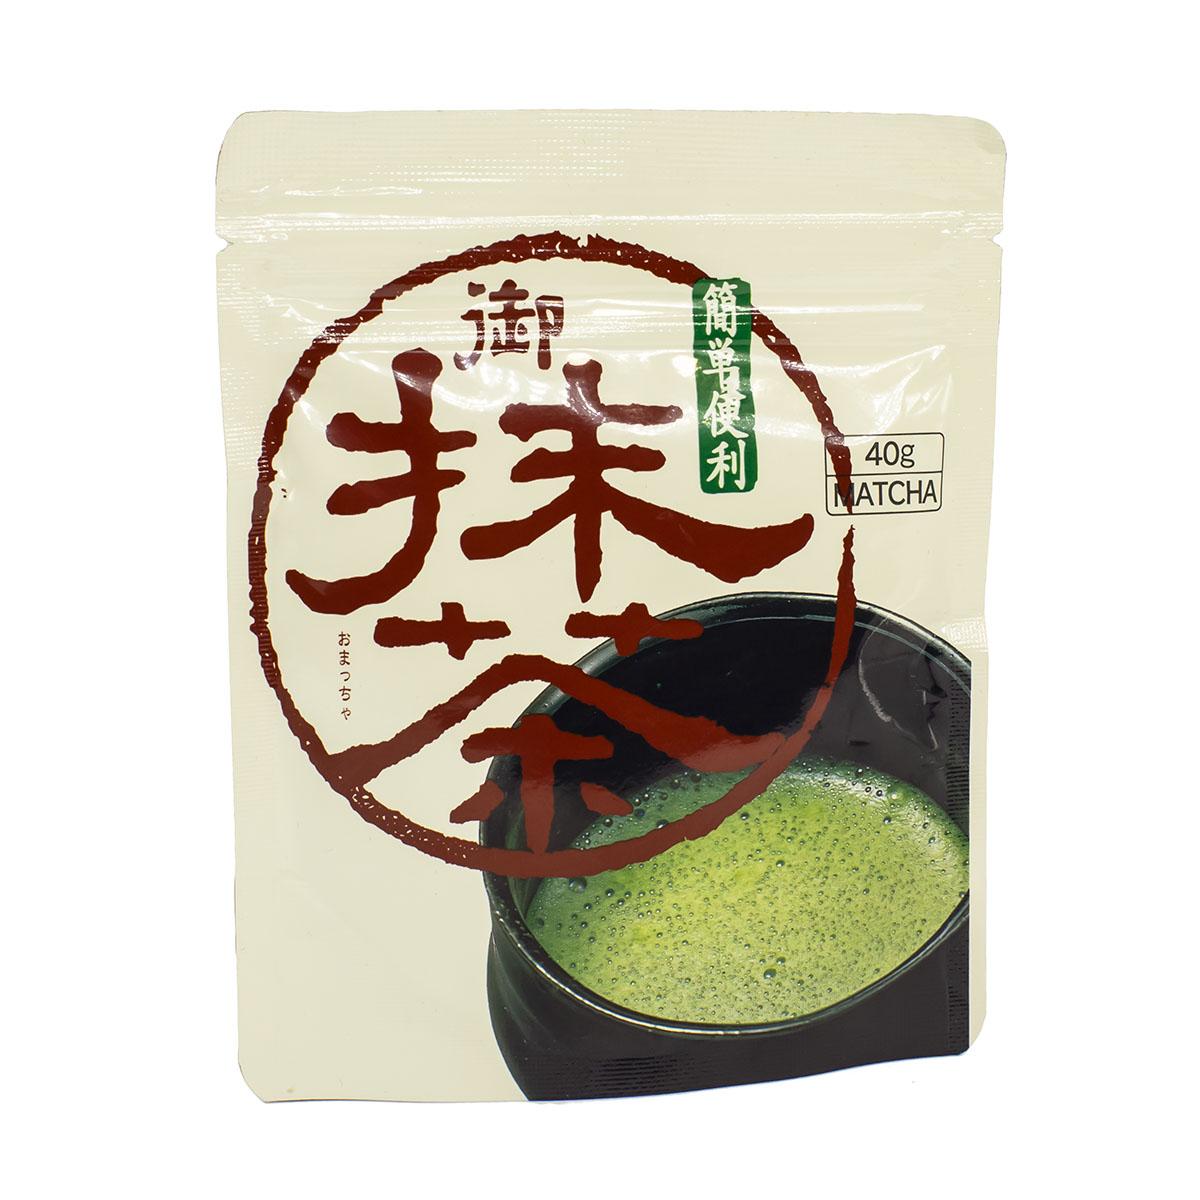 Чай зеленый О-матча, 40 г чай зеленый матча латте 40 г